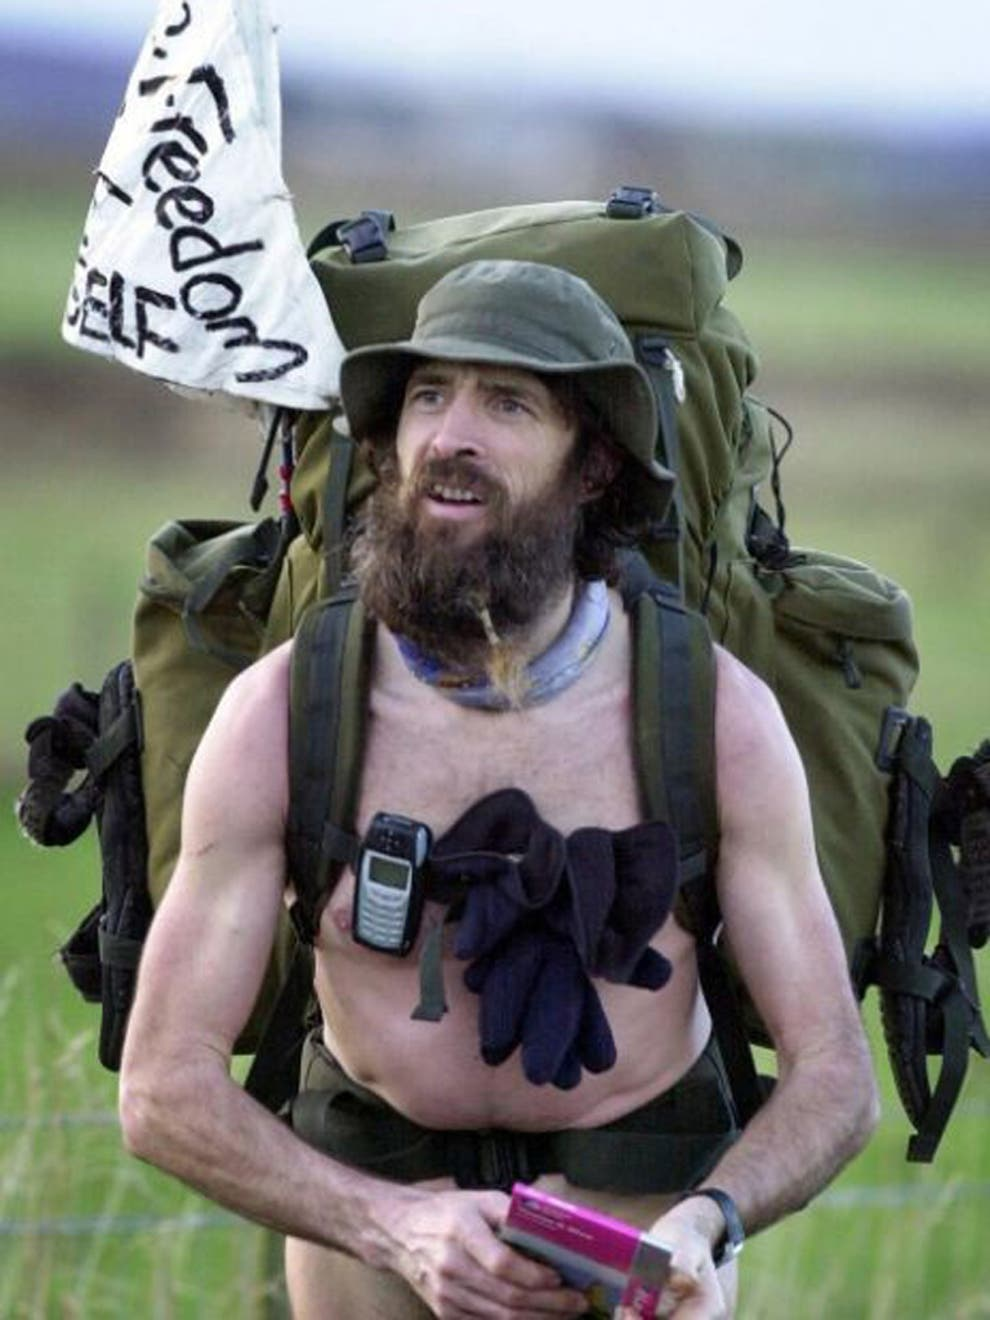 Naked rambler Stephen Gough arrested 3 days since walking